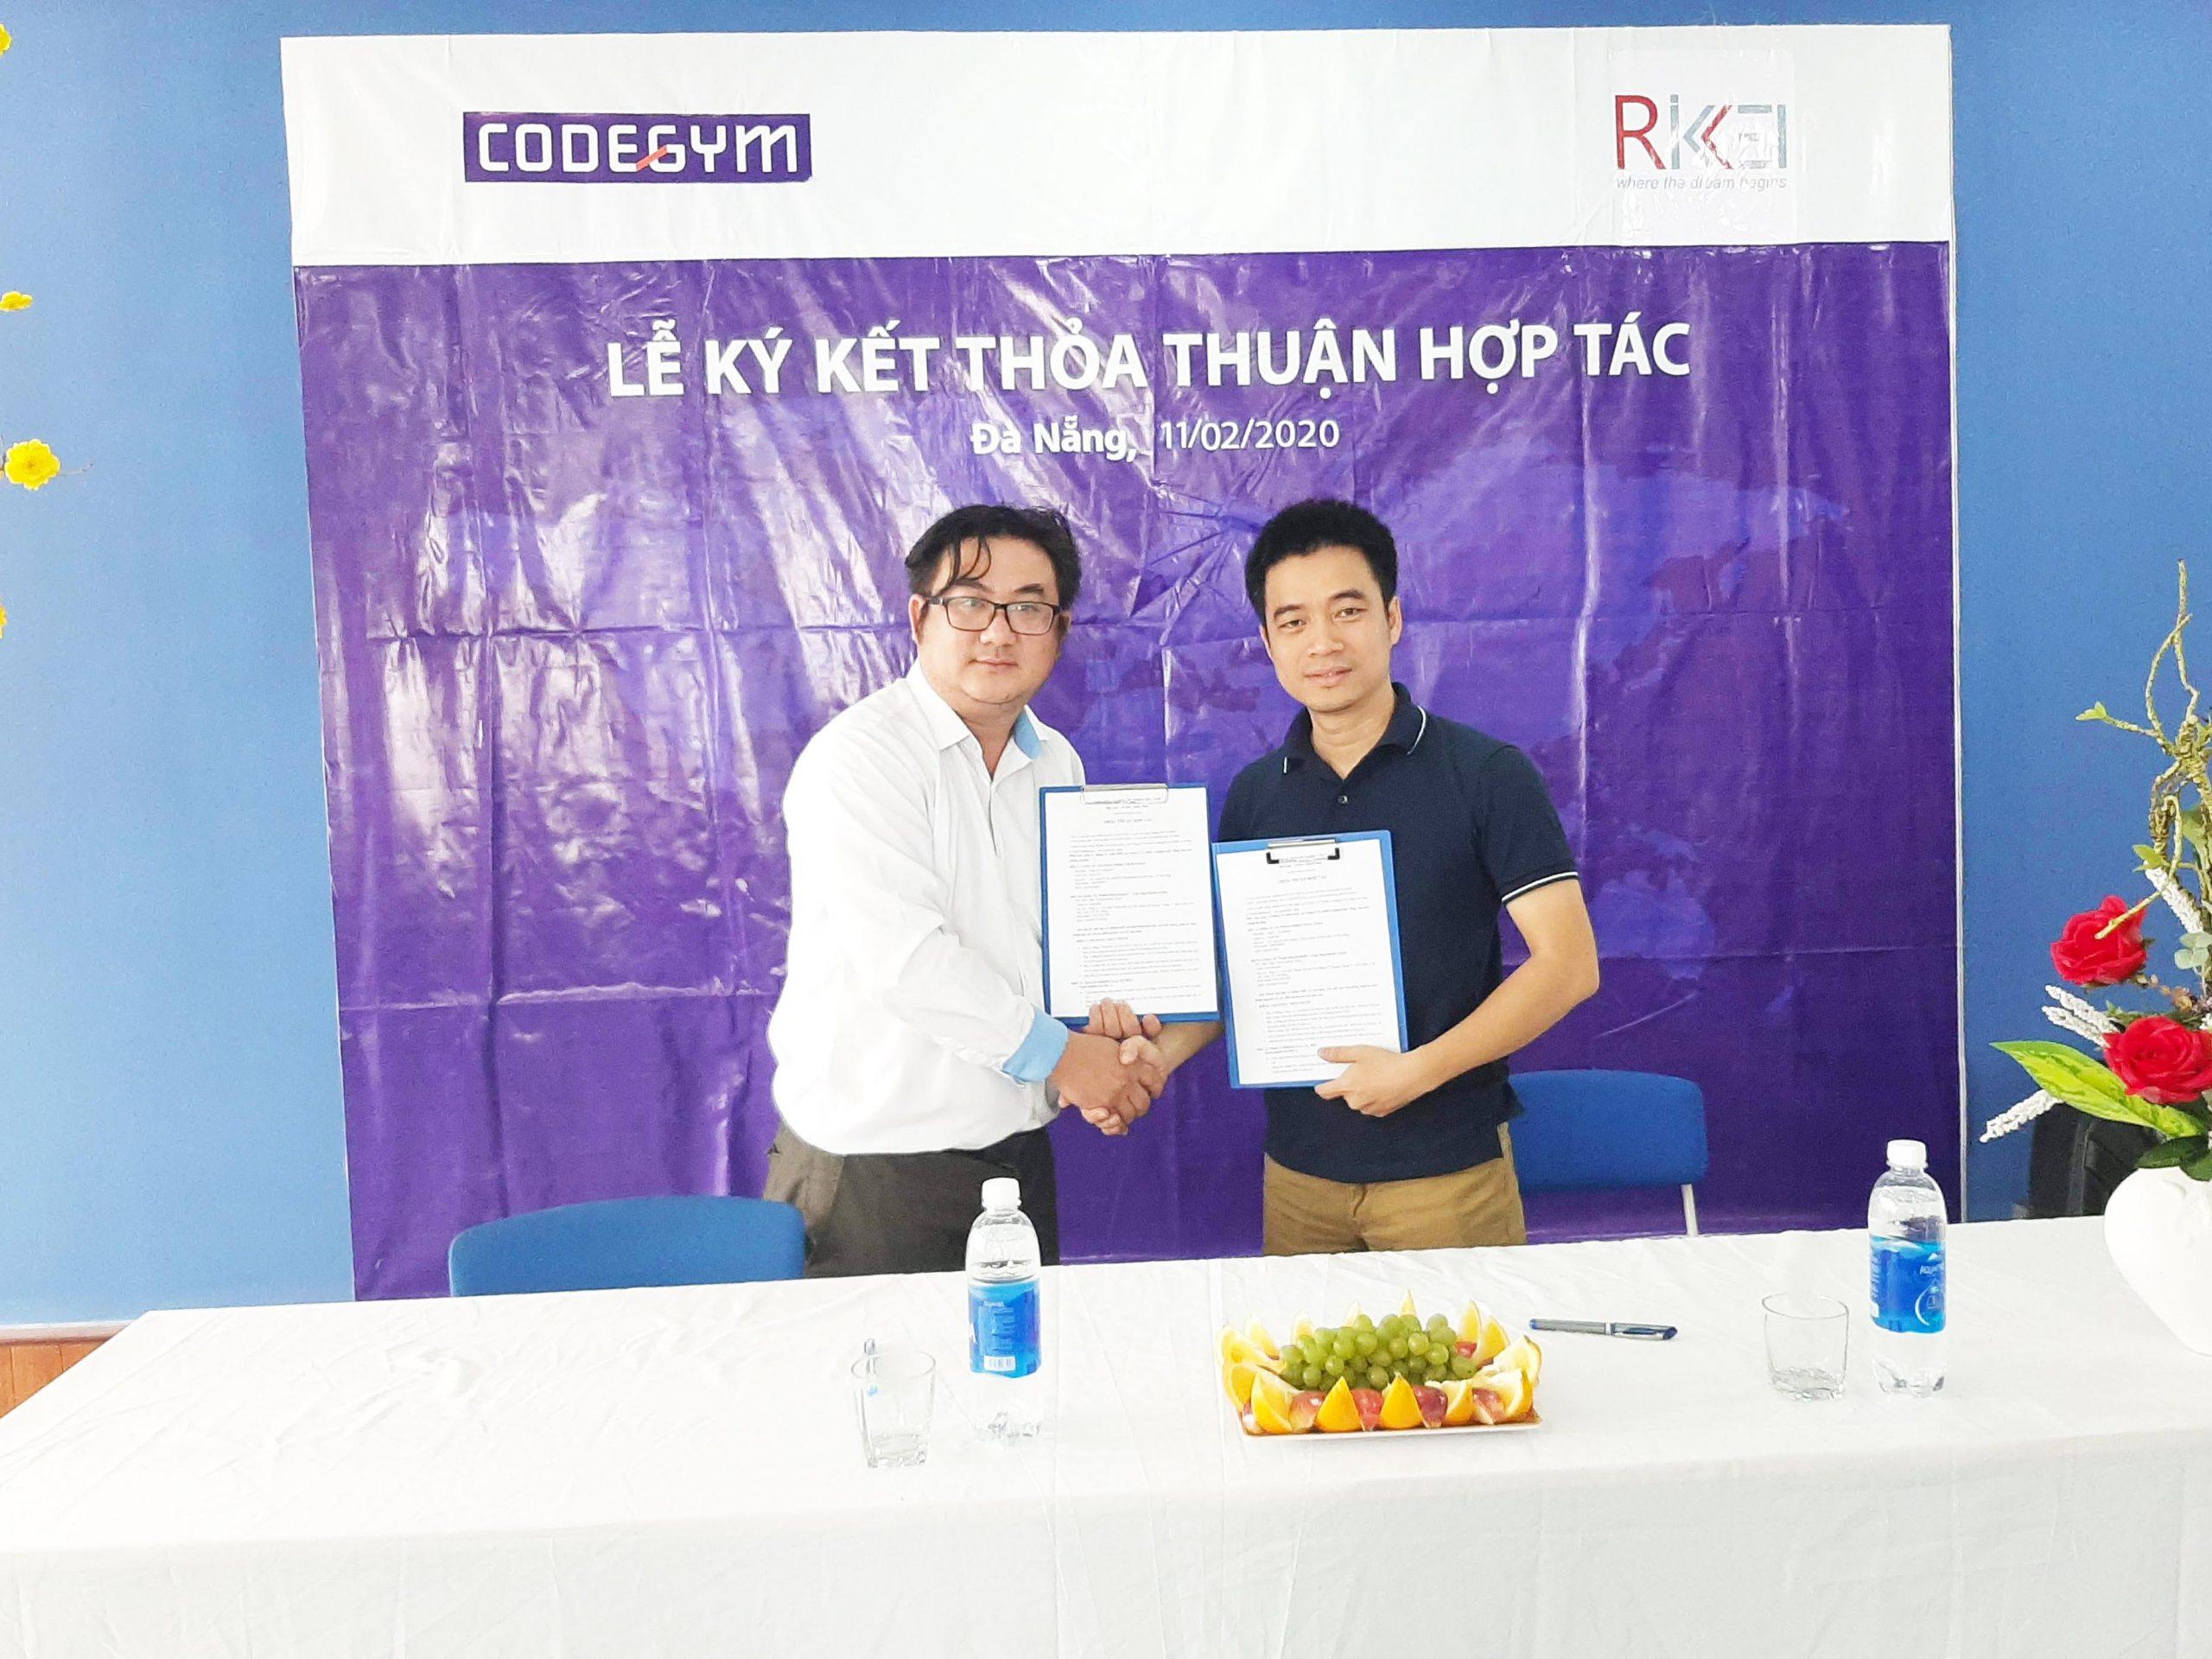 ký kết hợp tác với công ty Rikkeii